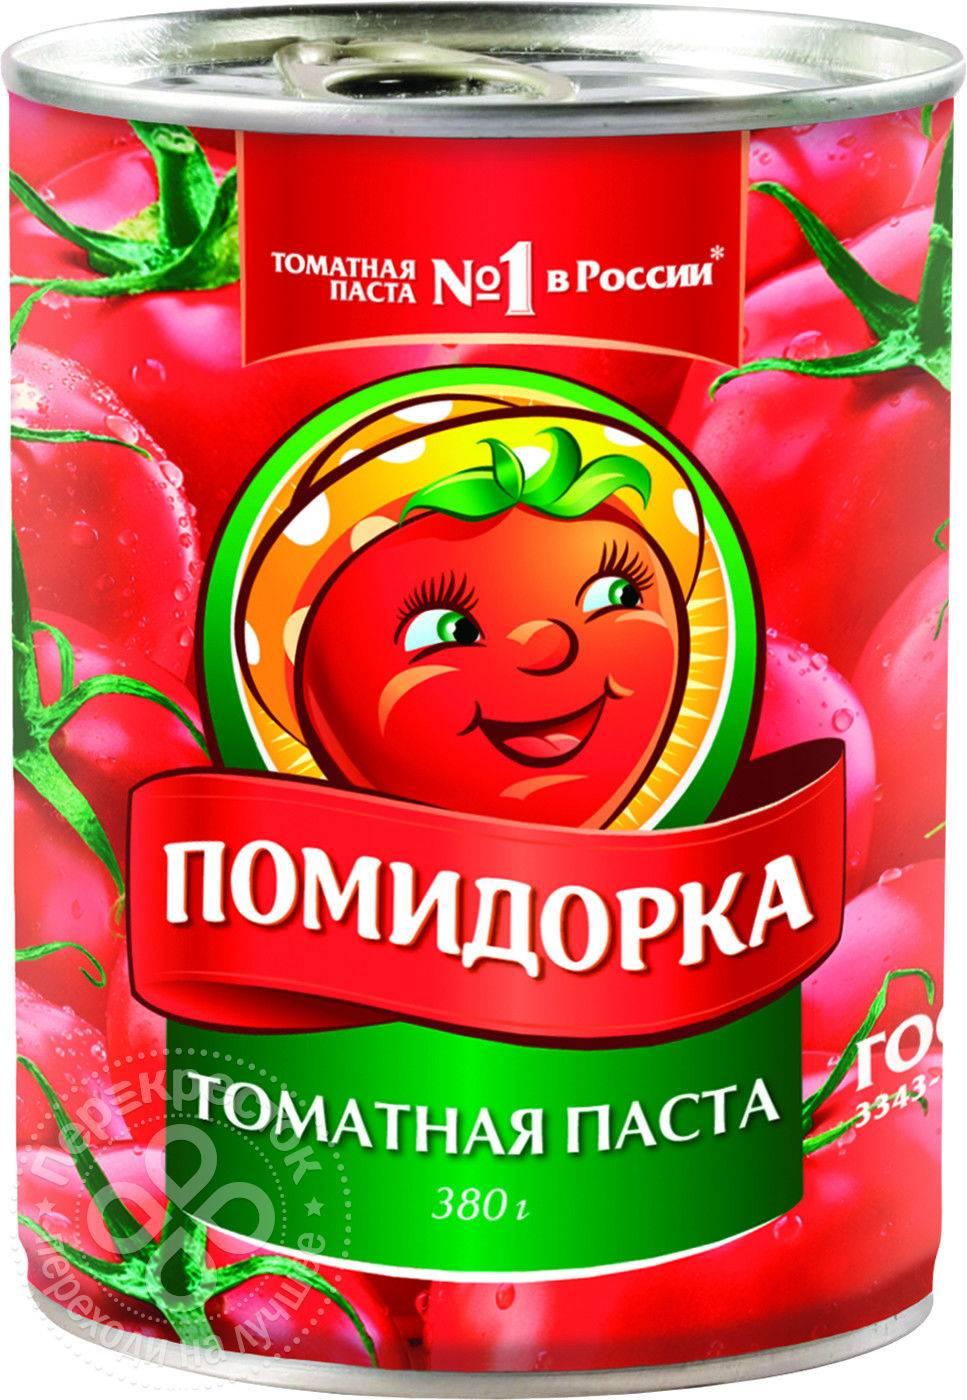 Польза и вред томатной пасты: только факты. так чем же так полюбилась хозяйкам томатная паста и чего больше: пользы или вреда?